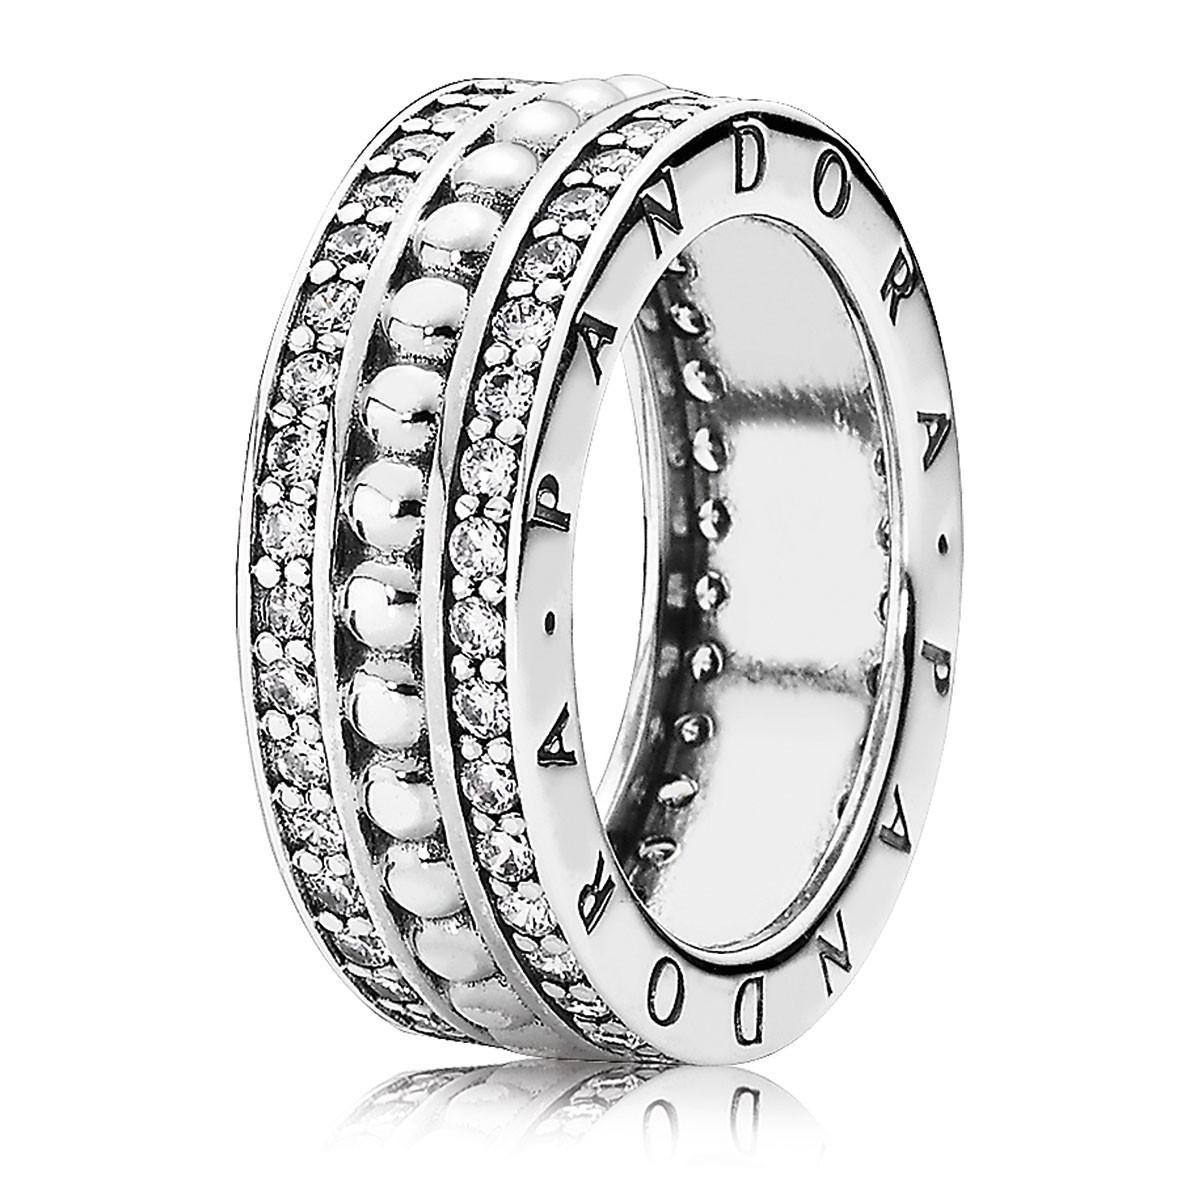 Pandora Für Immer Pandora Mit Klarer Cz Ring 190962cz Online Kaufen Intended For 2017 Pandora Logo Pavé Rings (View 8 of 25)